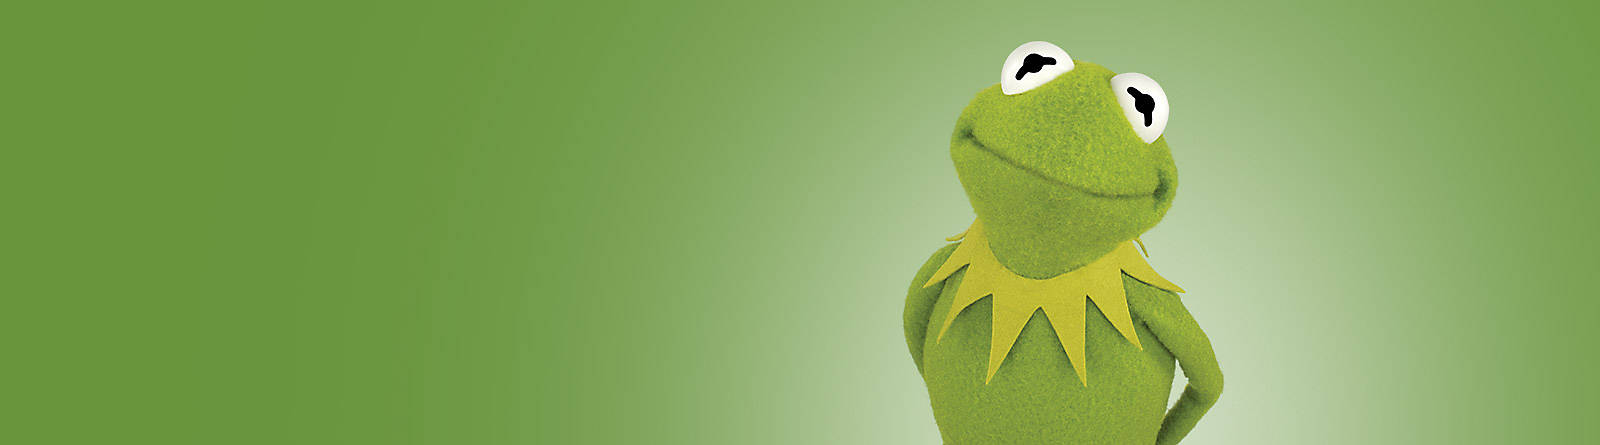 Muppets Les marionettes Muppets sont de retour pour leur grand show : Kermit la grenouille, Piggy, ou encore le grand Gonzo et Fozzie !